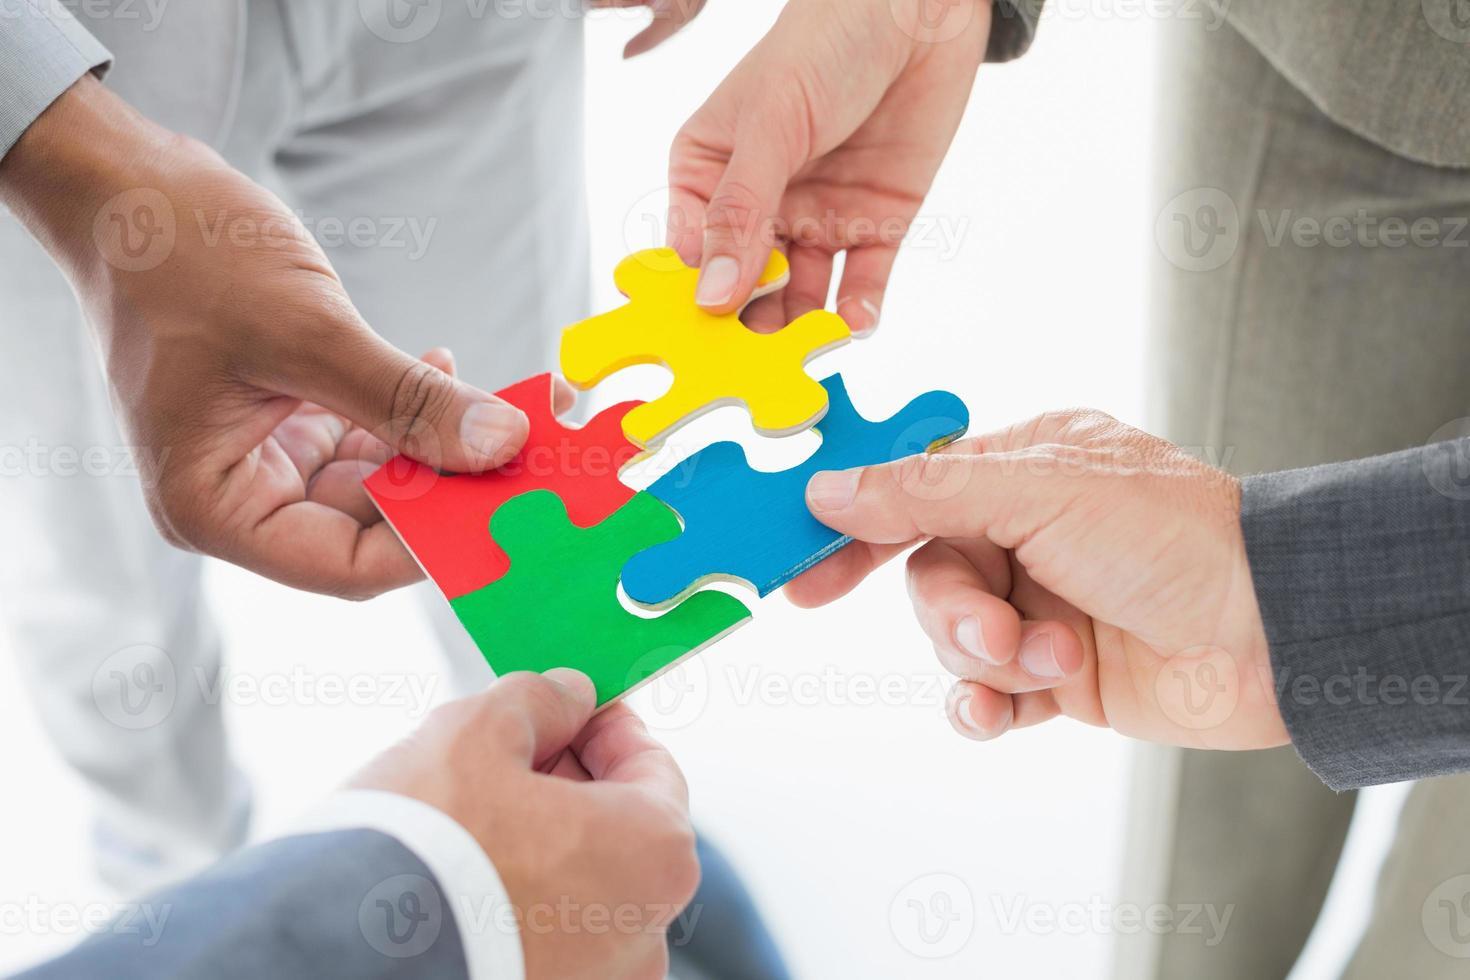 colegas de trabalho, segurando a peça do quebra-cabeça foto